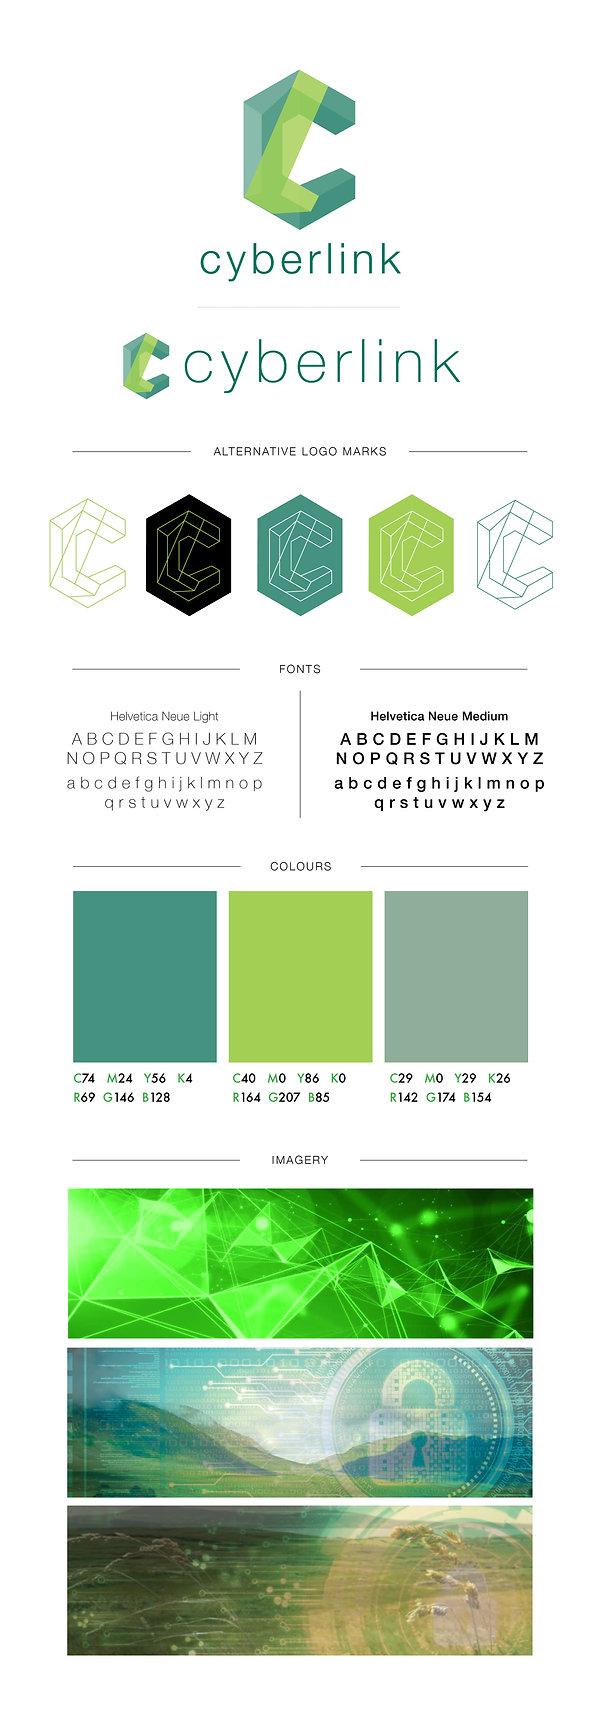 Cyberlink branding guidelines.jpg